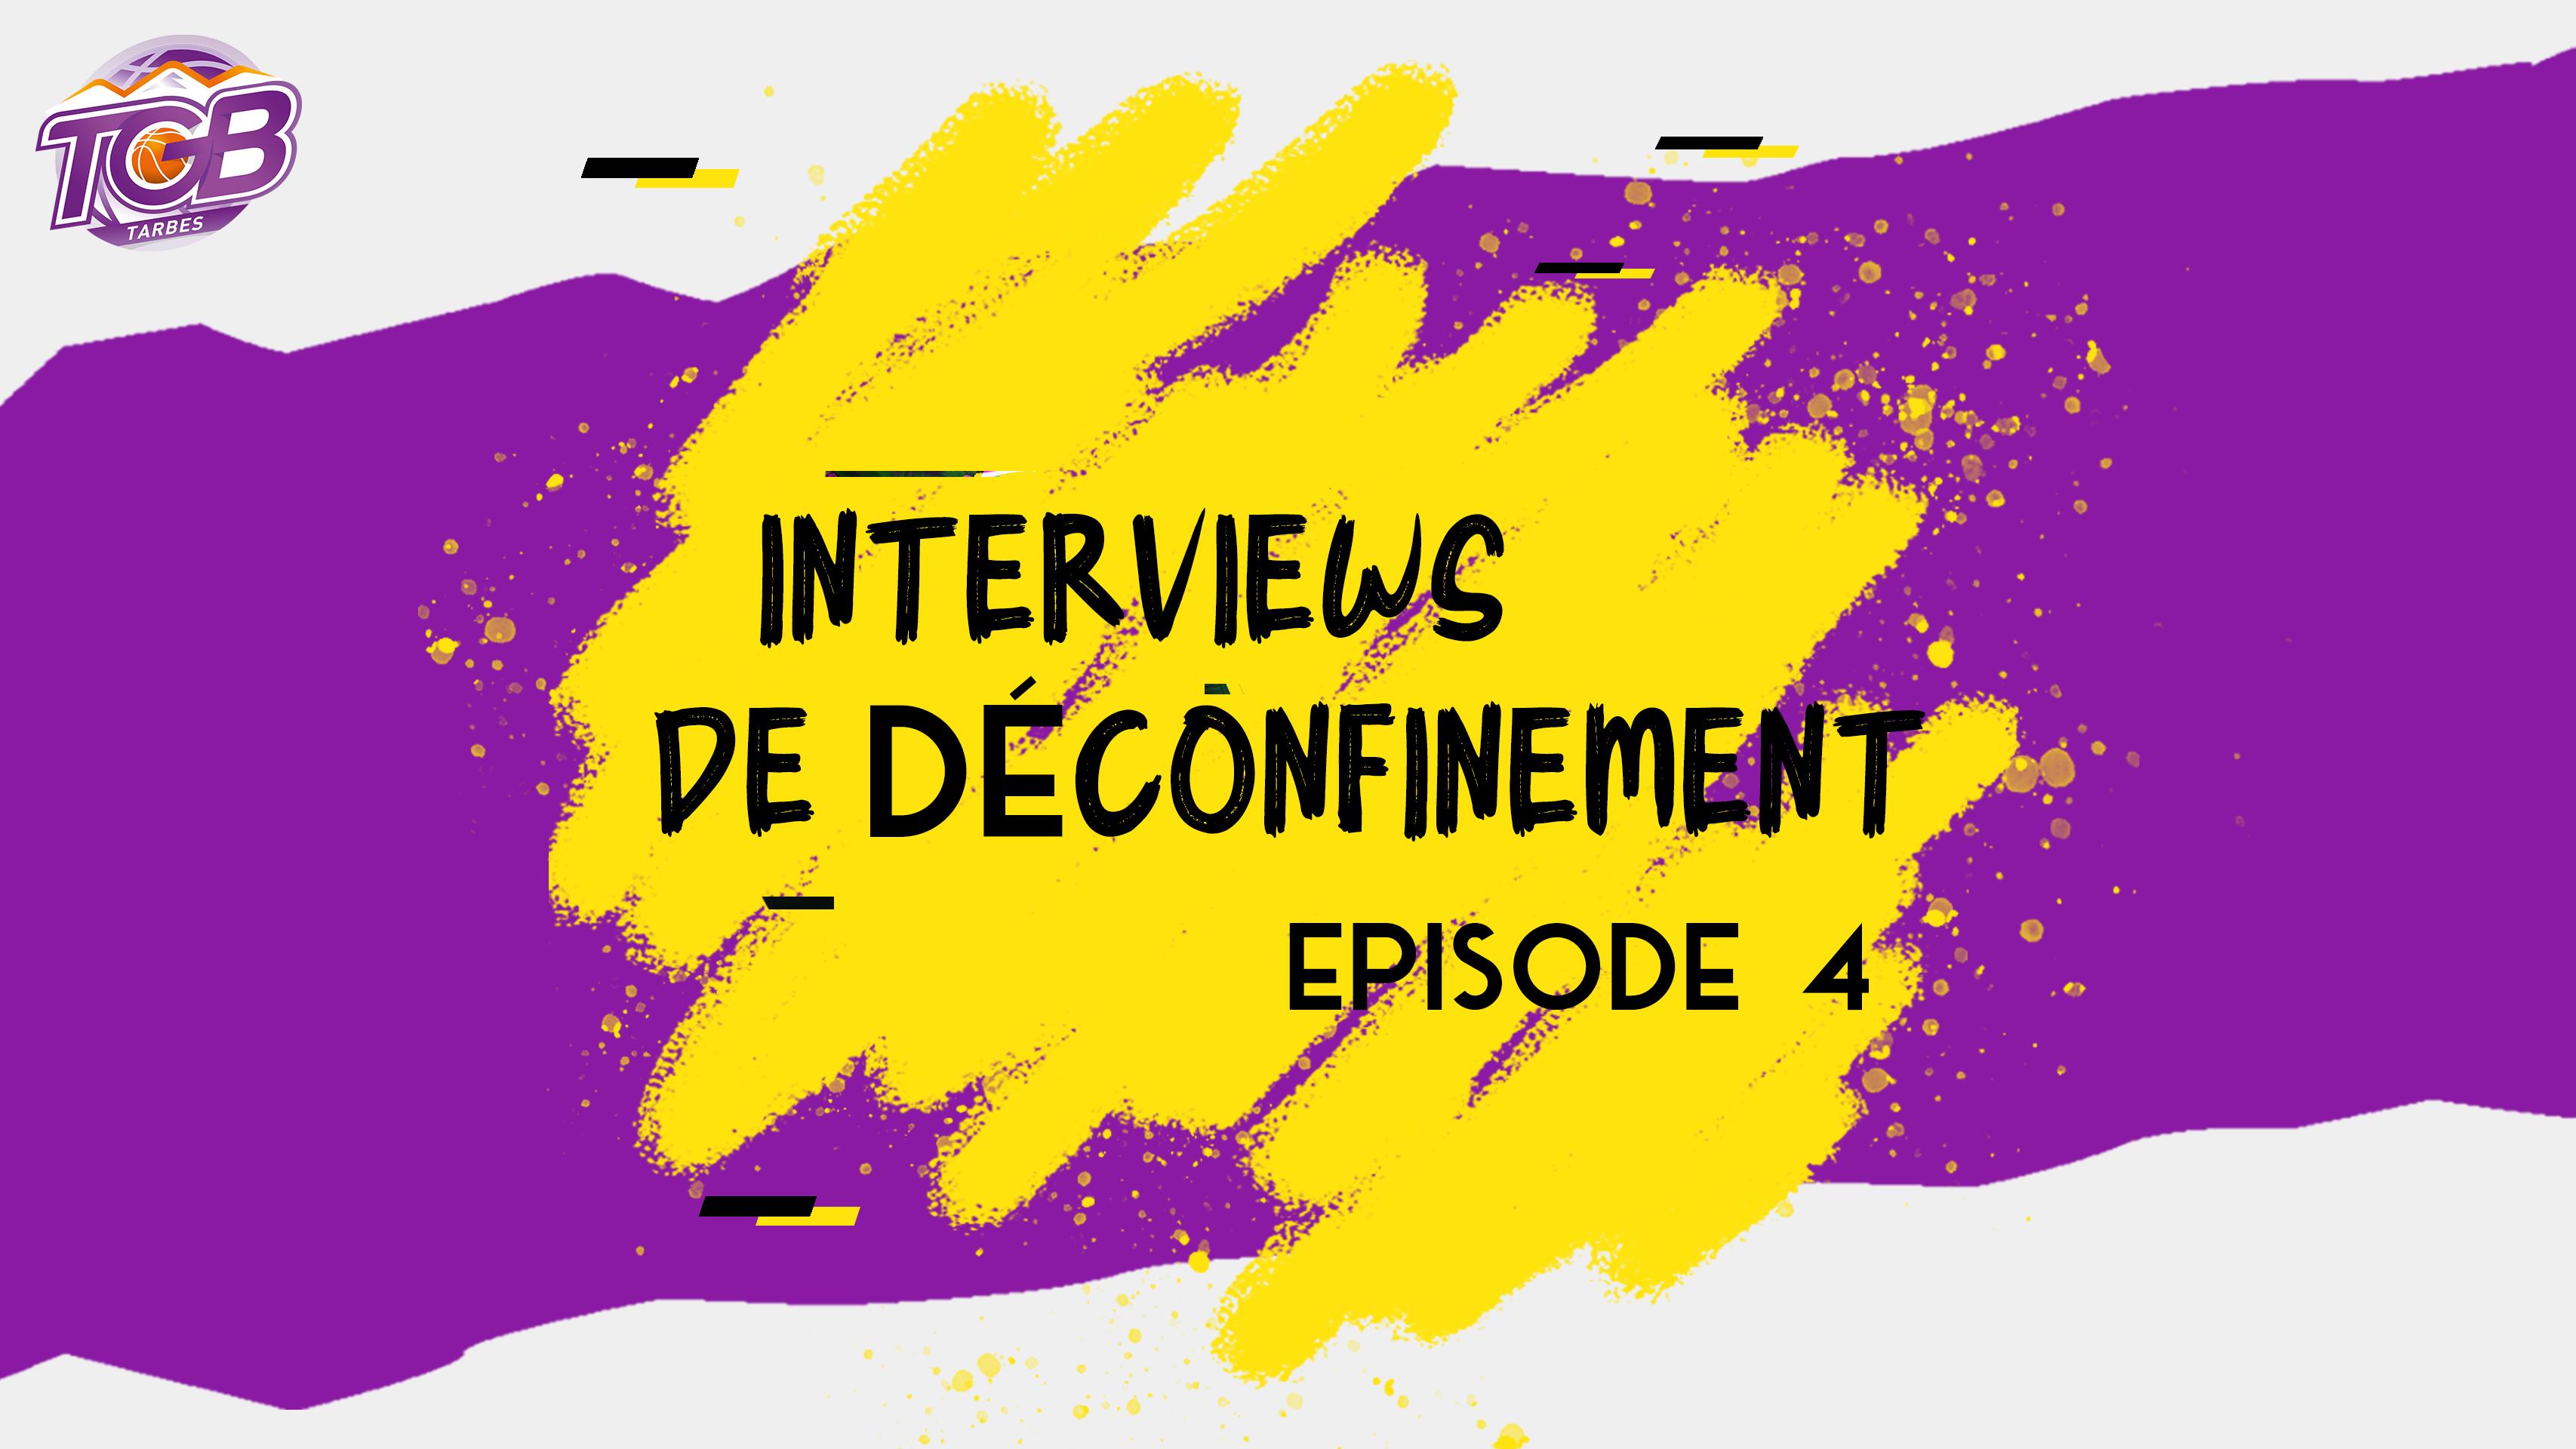 Interview de (dé)confinement – KB Sharp